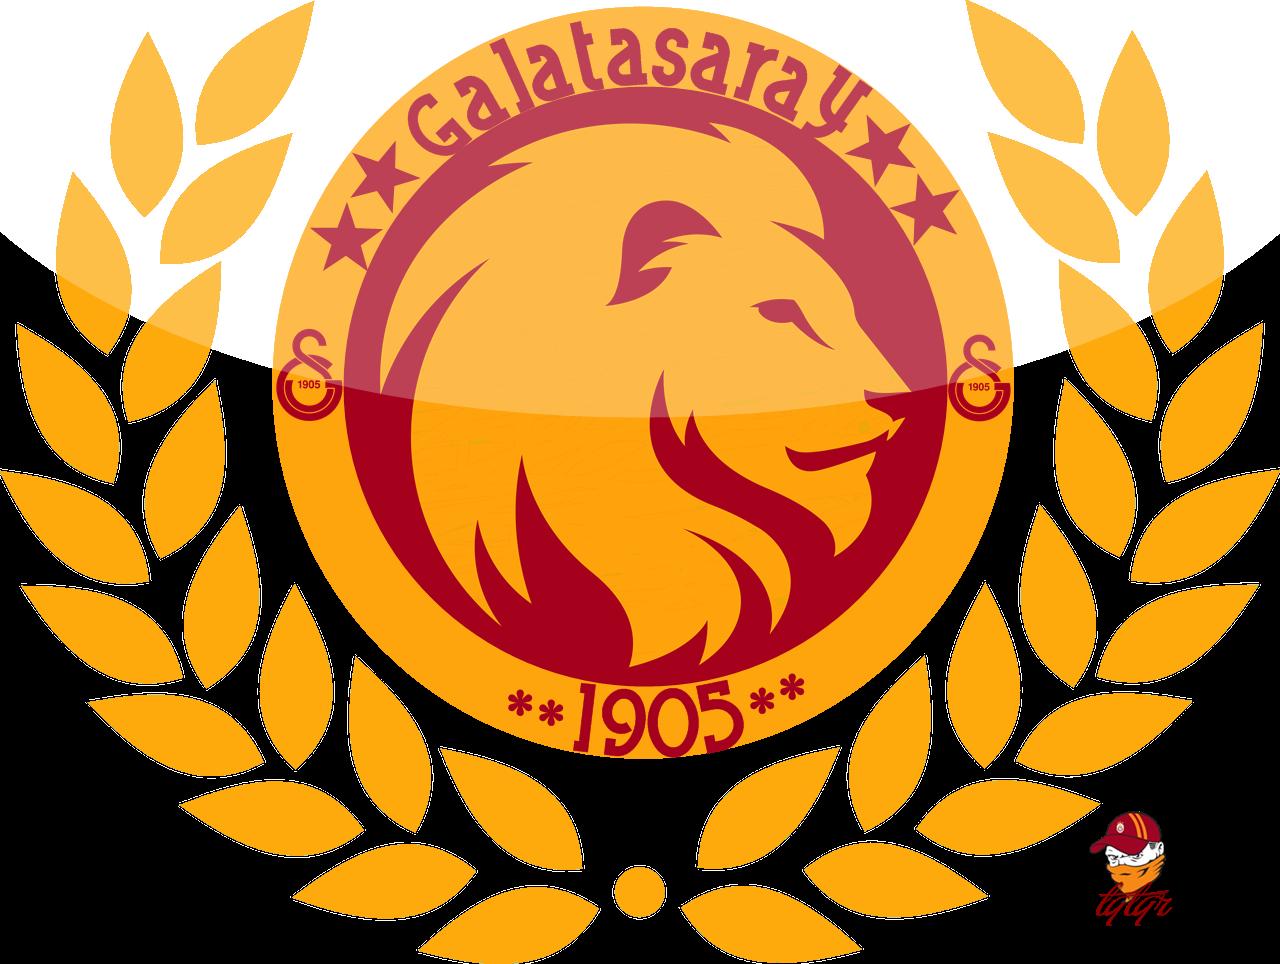 Mihrinur ünal Tarakçi Adlı Kullanıcının Galatasaray Panosundaki Pin